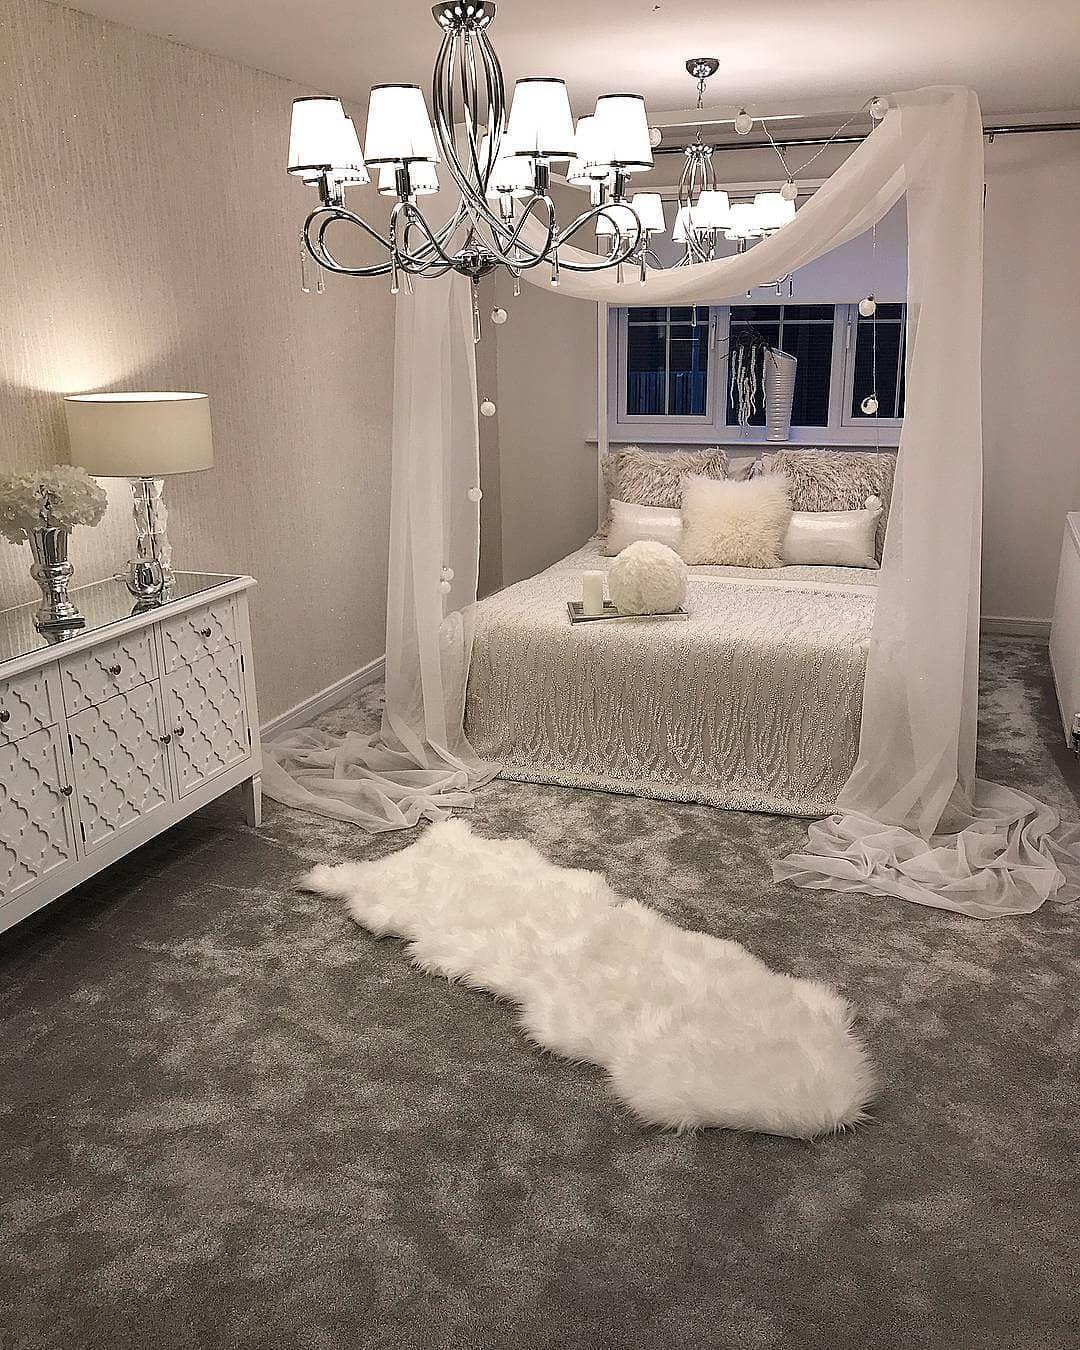 Tenga En Cuenta Estas Ideas De Dormitorio Maestro Para Hacer Que Su Habitacion Sea Mode Luxurious Bedrooms Minimalist Bedroom Design Luxury Bedroom Inspiration Most beautiful bedroom designs